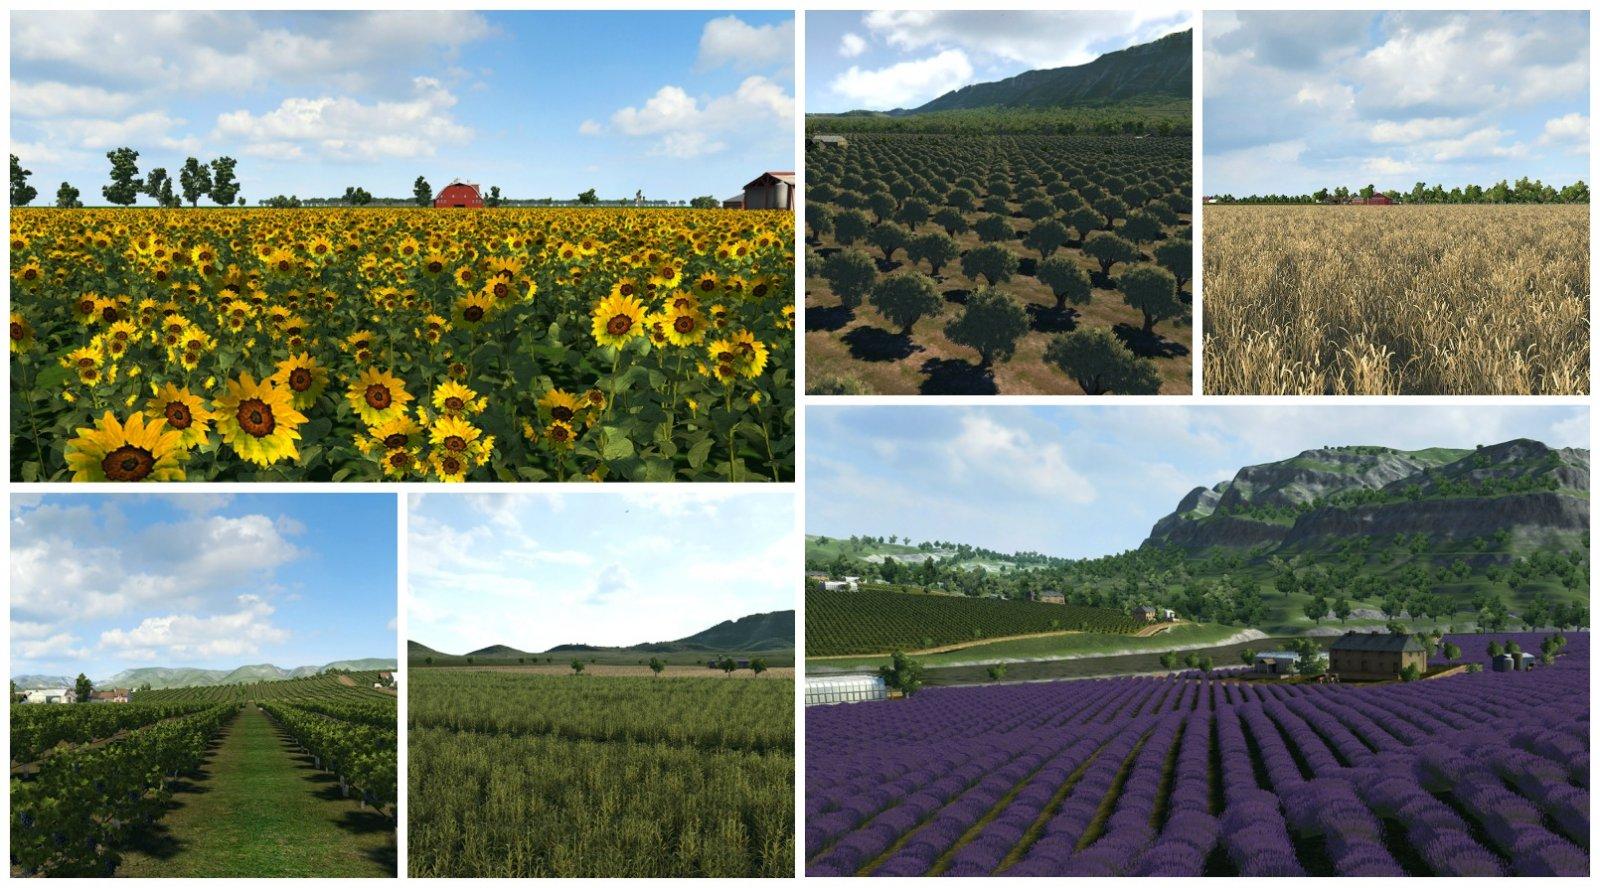 FarmsMain.jpg